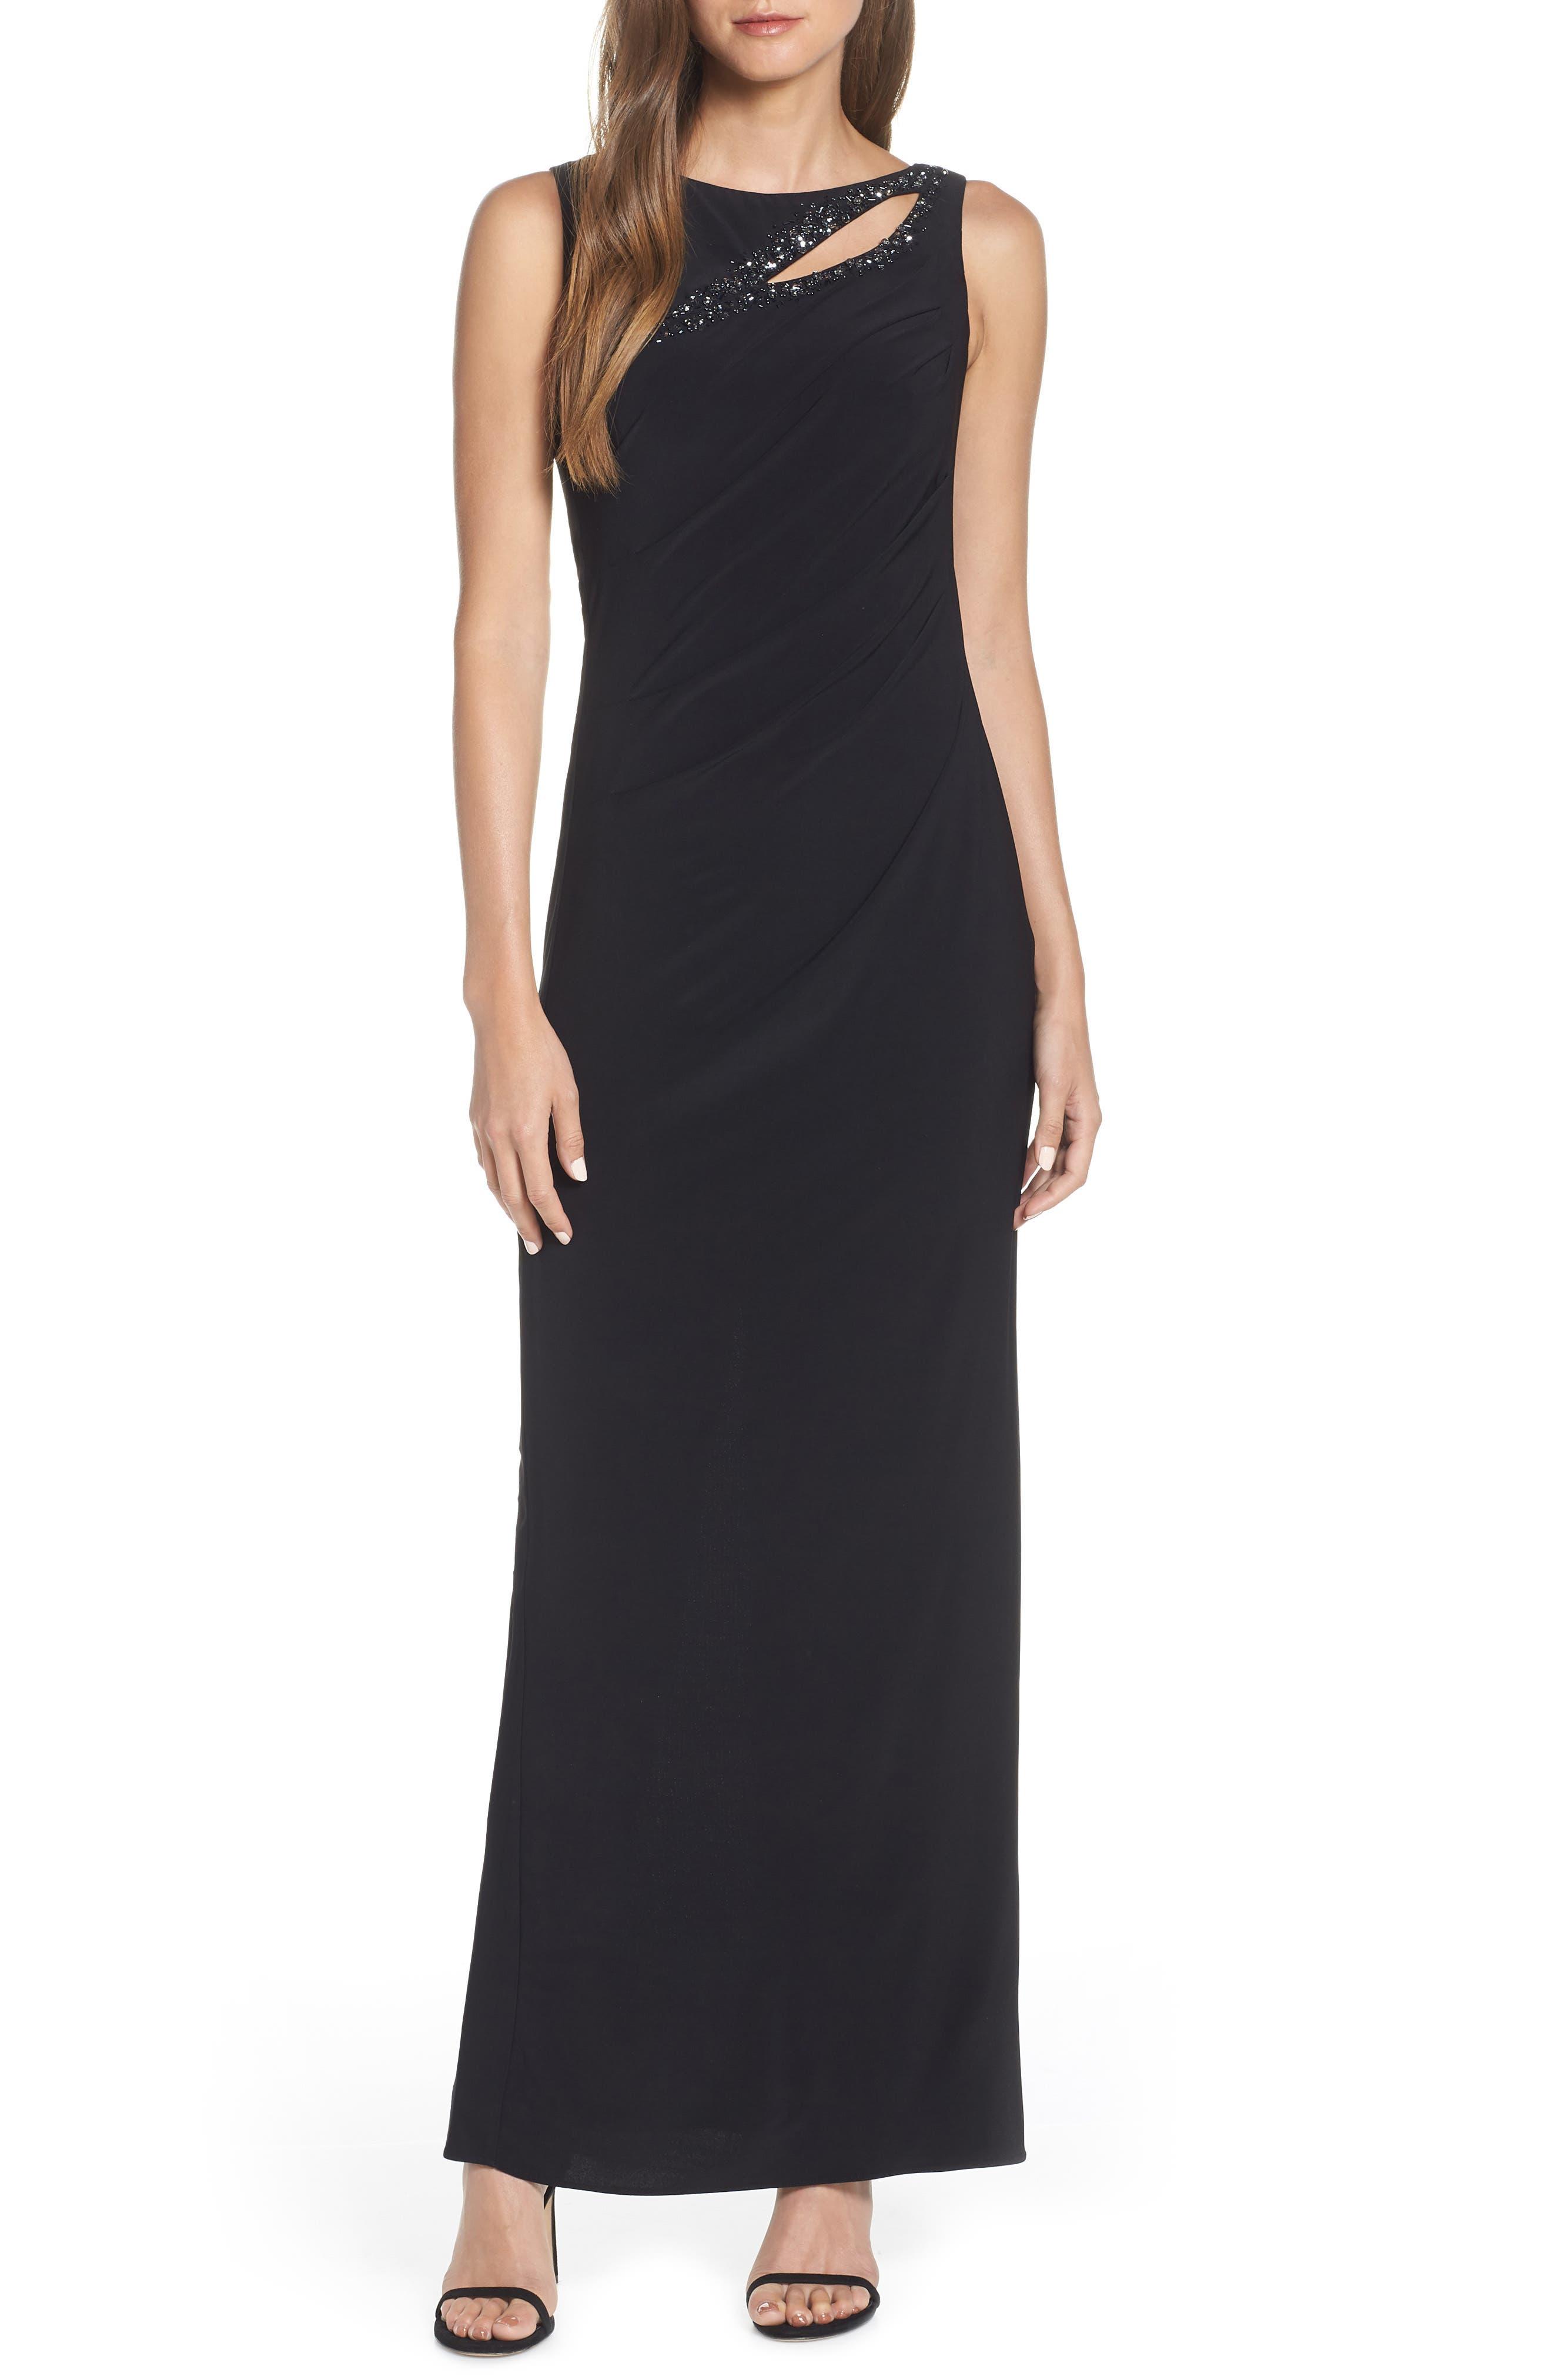 Adrianna Papell Jeweled Yoke Matte Jersey Evening Dress